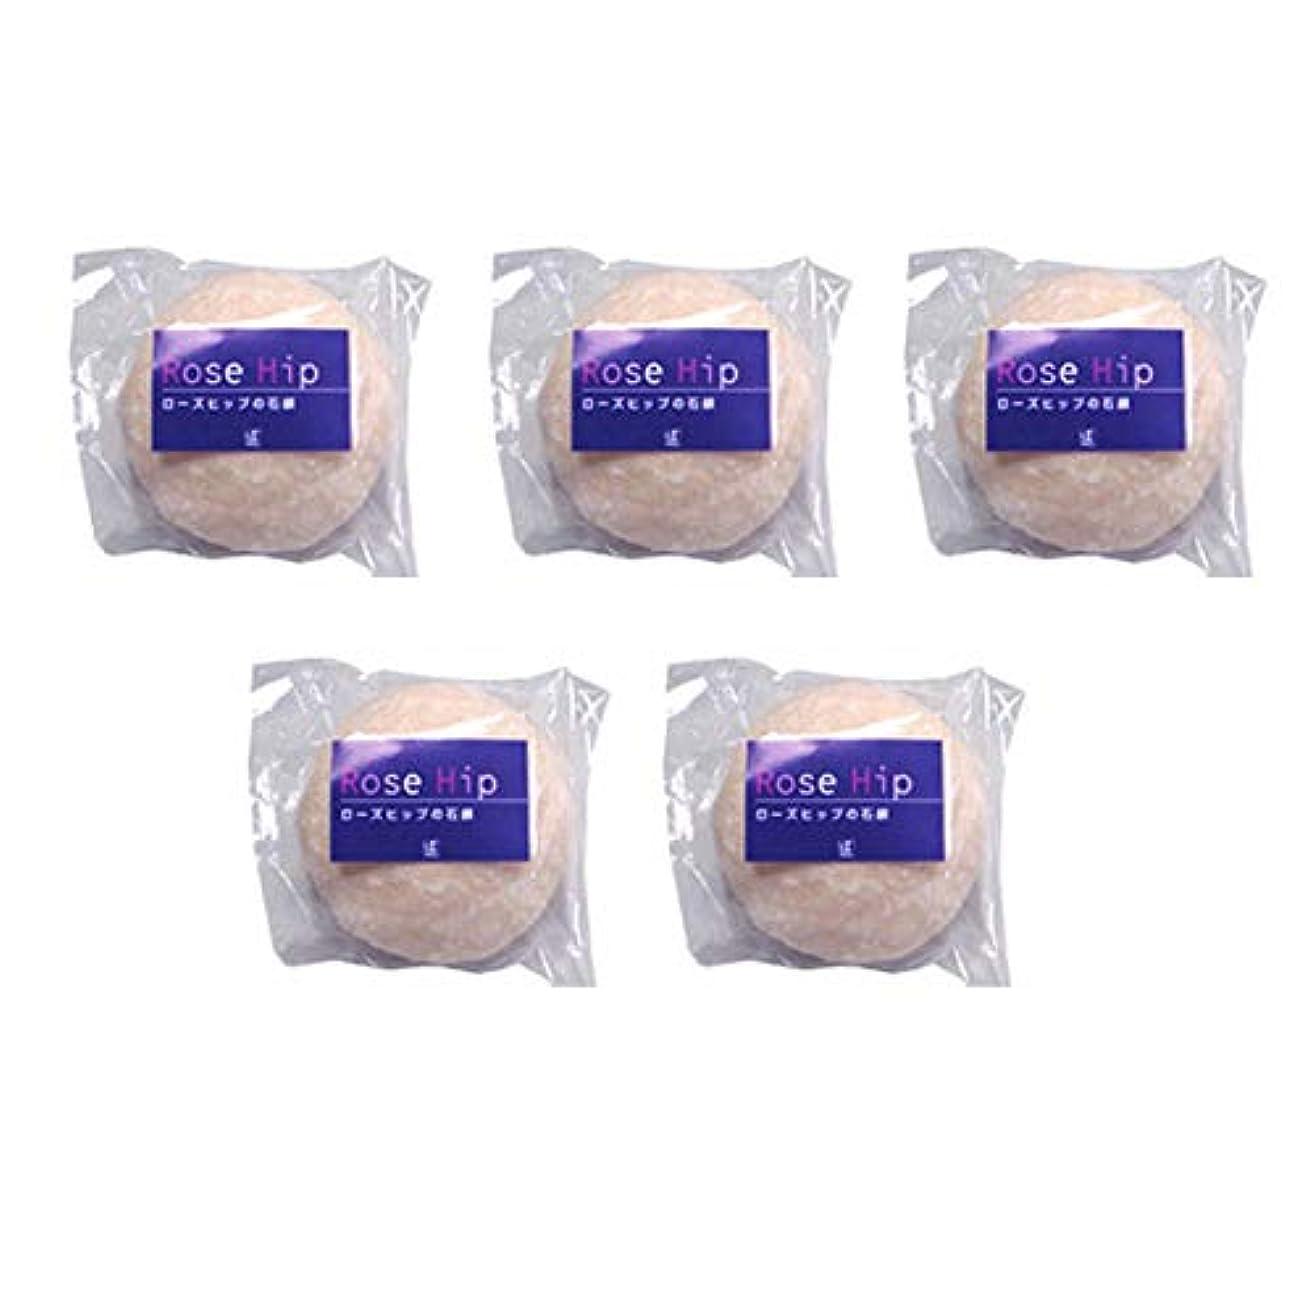 案件ビーズ傷跡山澤清ローズヒップ石鹸5個セット(70g×5個) ローズヒップ無添加洗顔石鹸